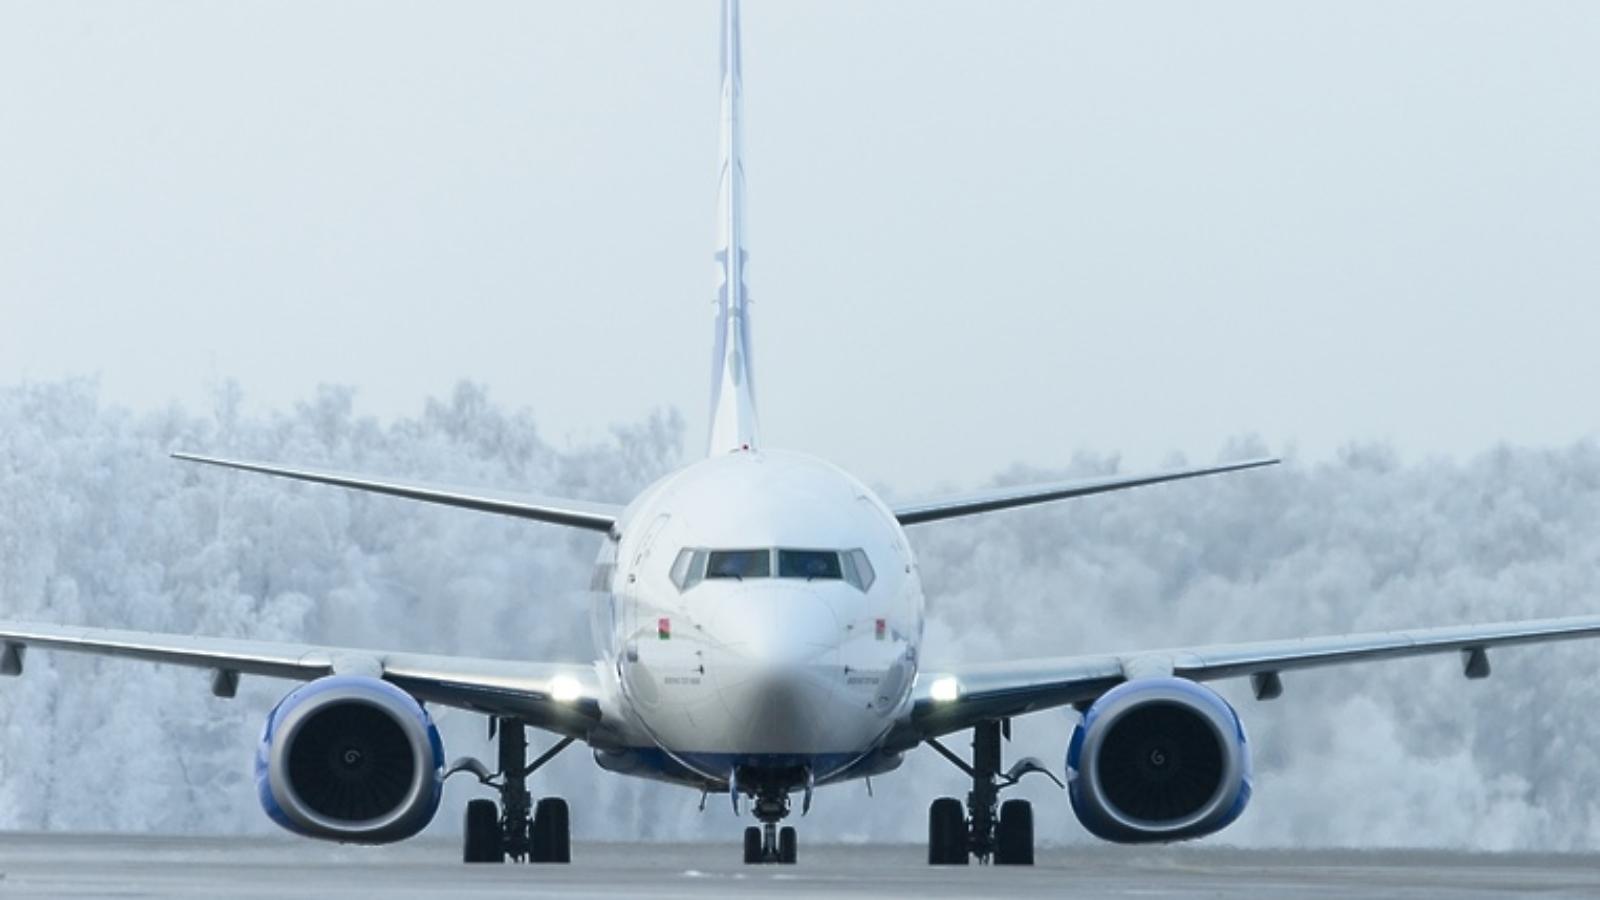 Согласование с авиацией Домодедово. Часть 3 - Эксперт заключение